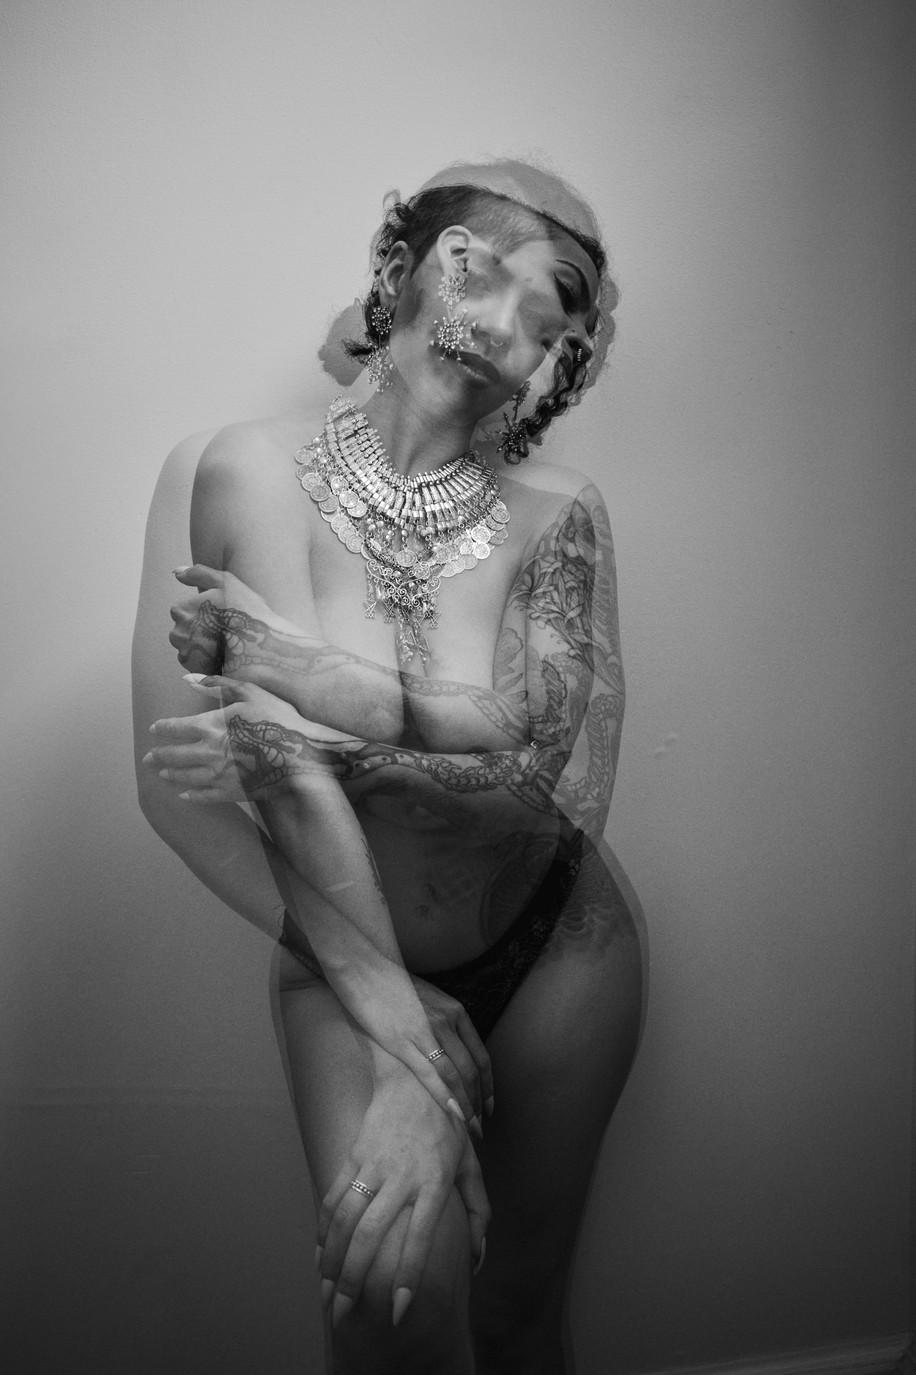 Photographer: JHS Photo | MUAH/Model: Ruby Noir